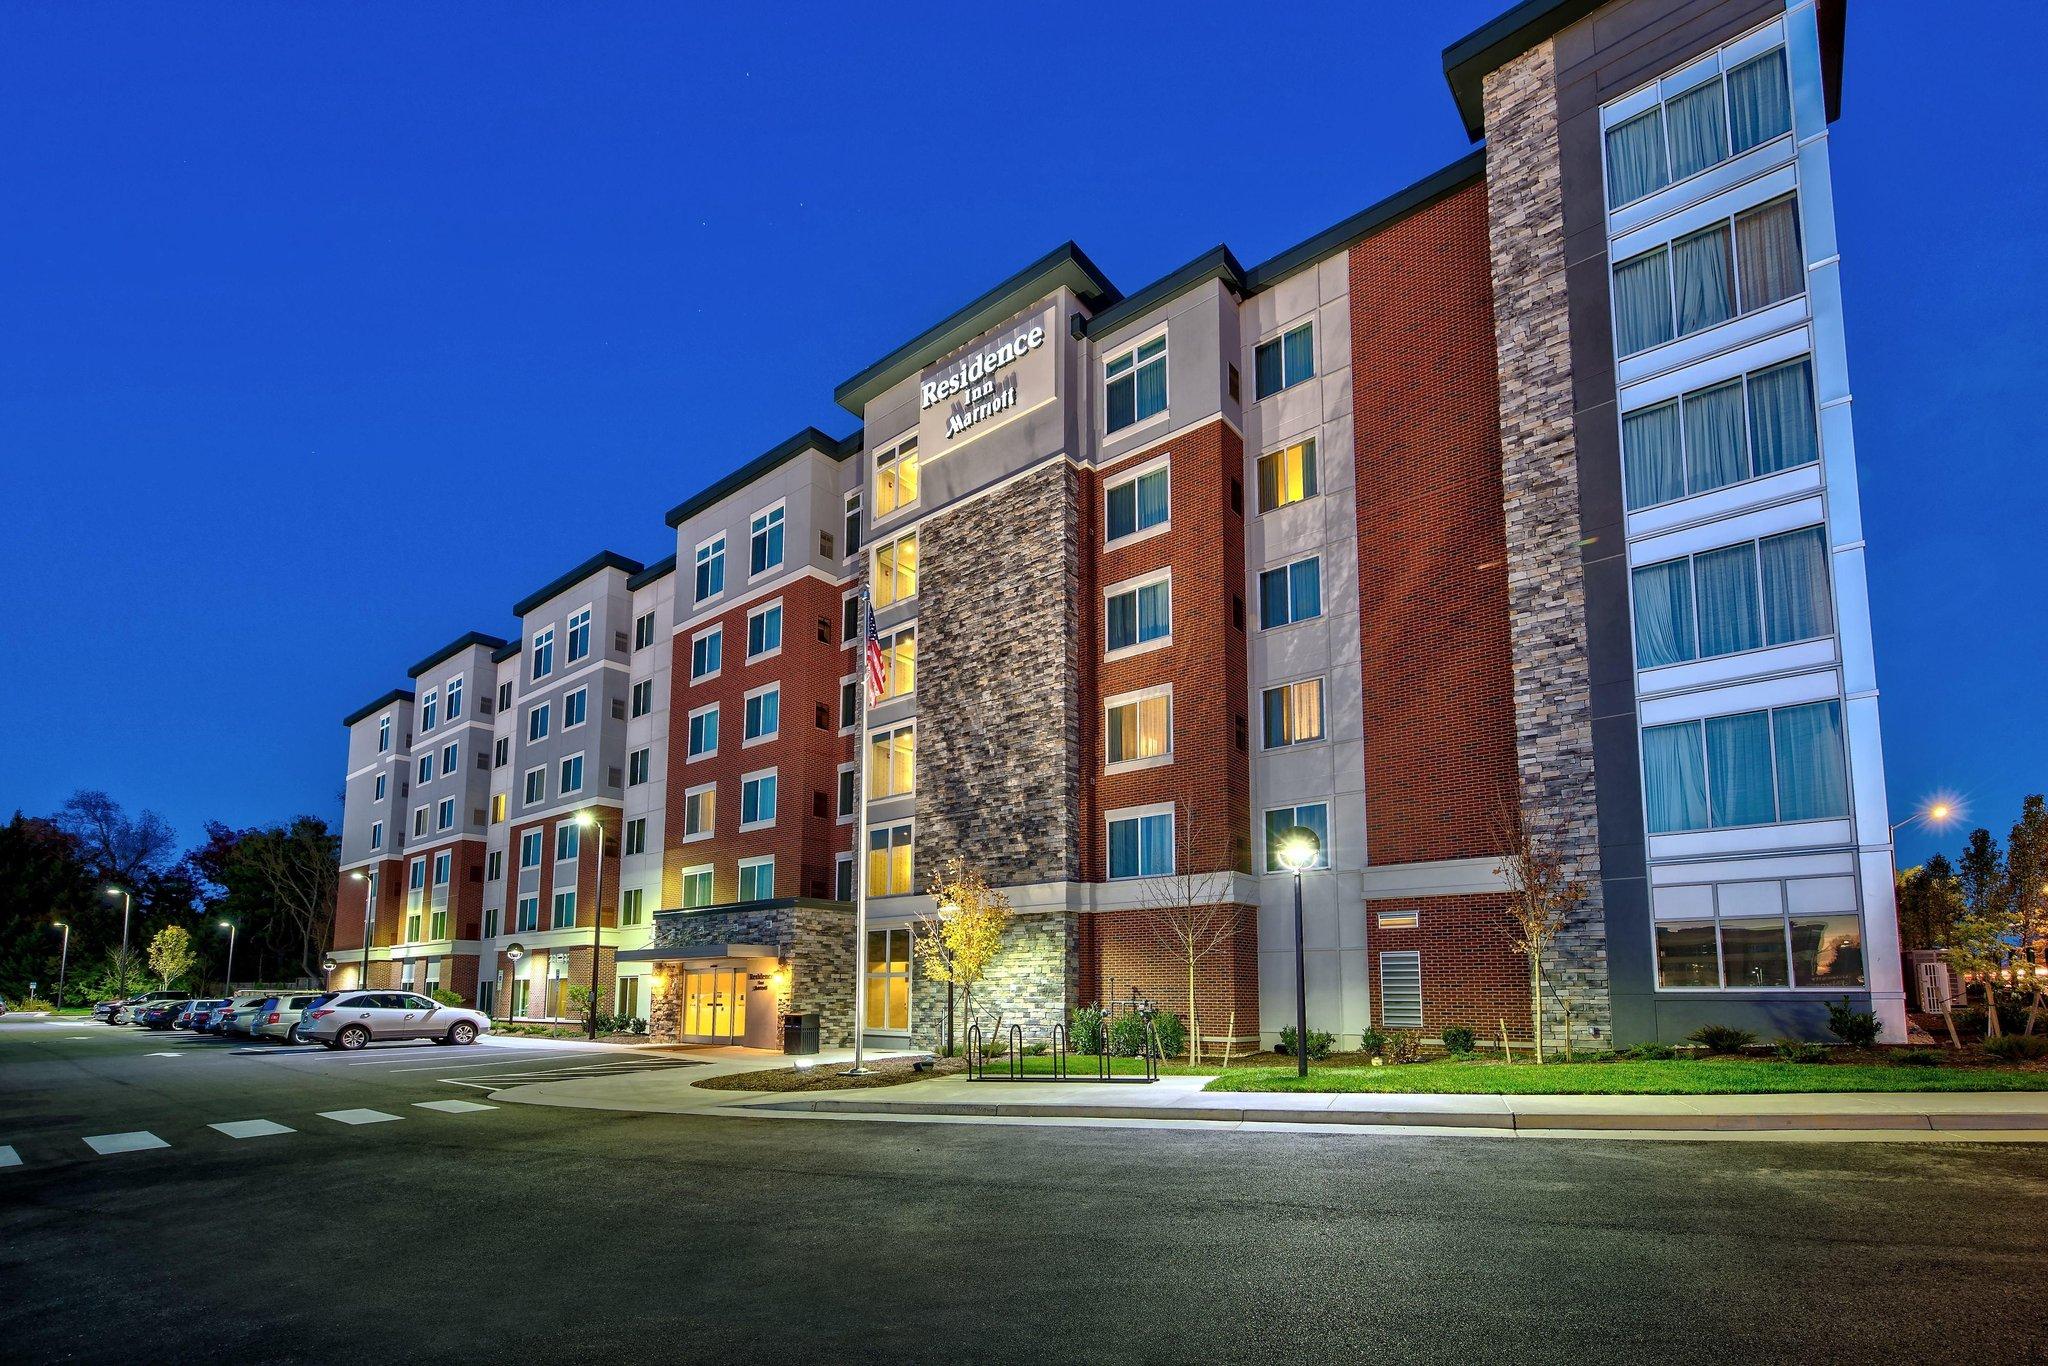 Residence Inn by Marriott Blacksburg-University